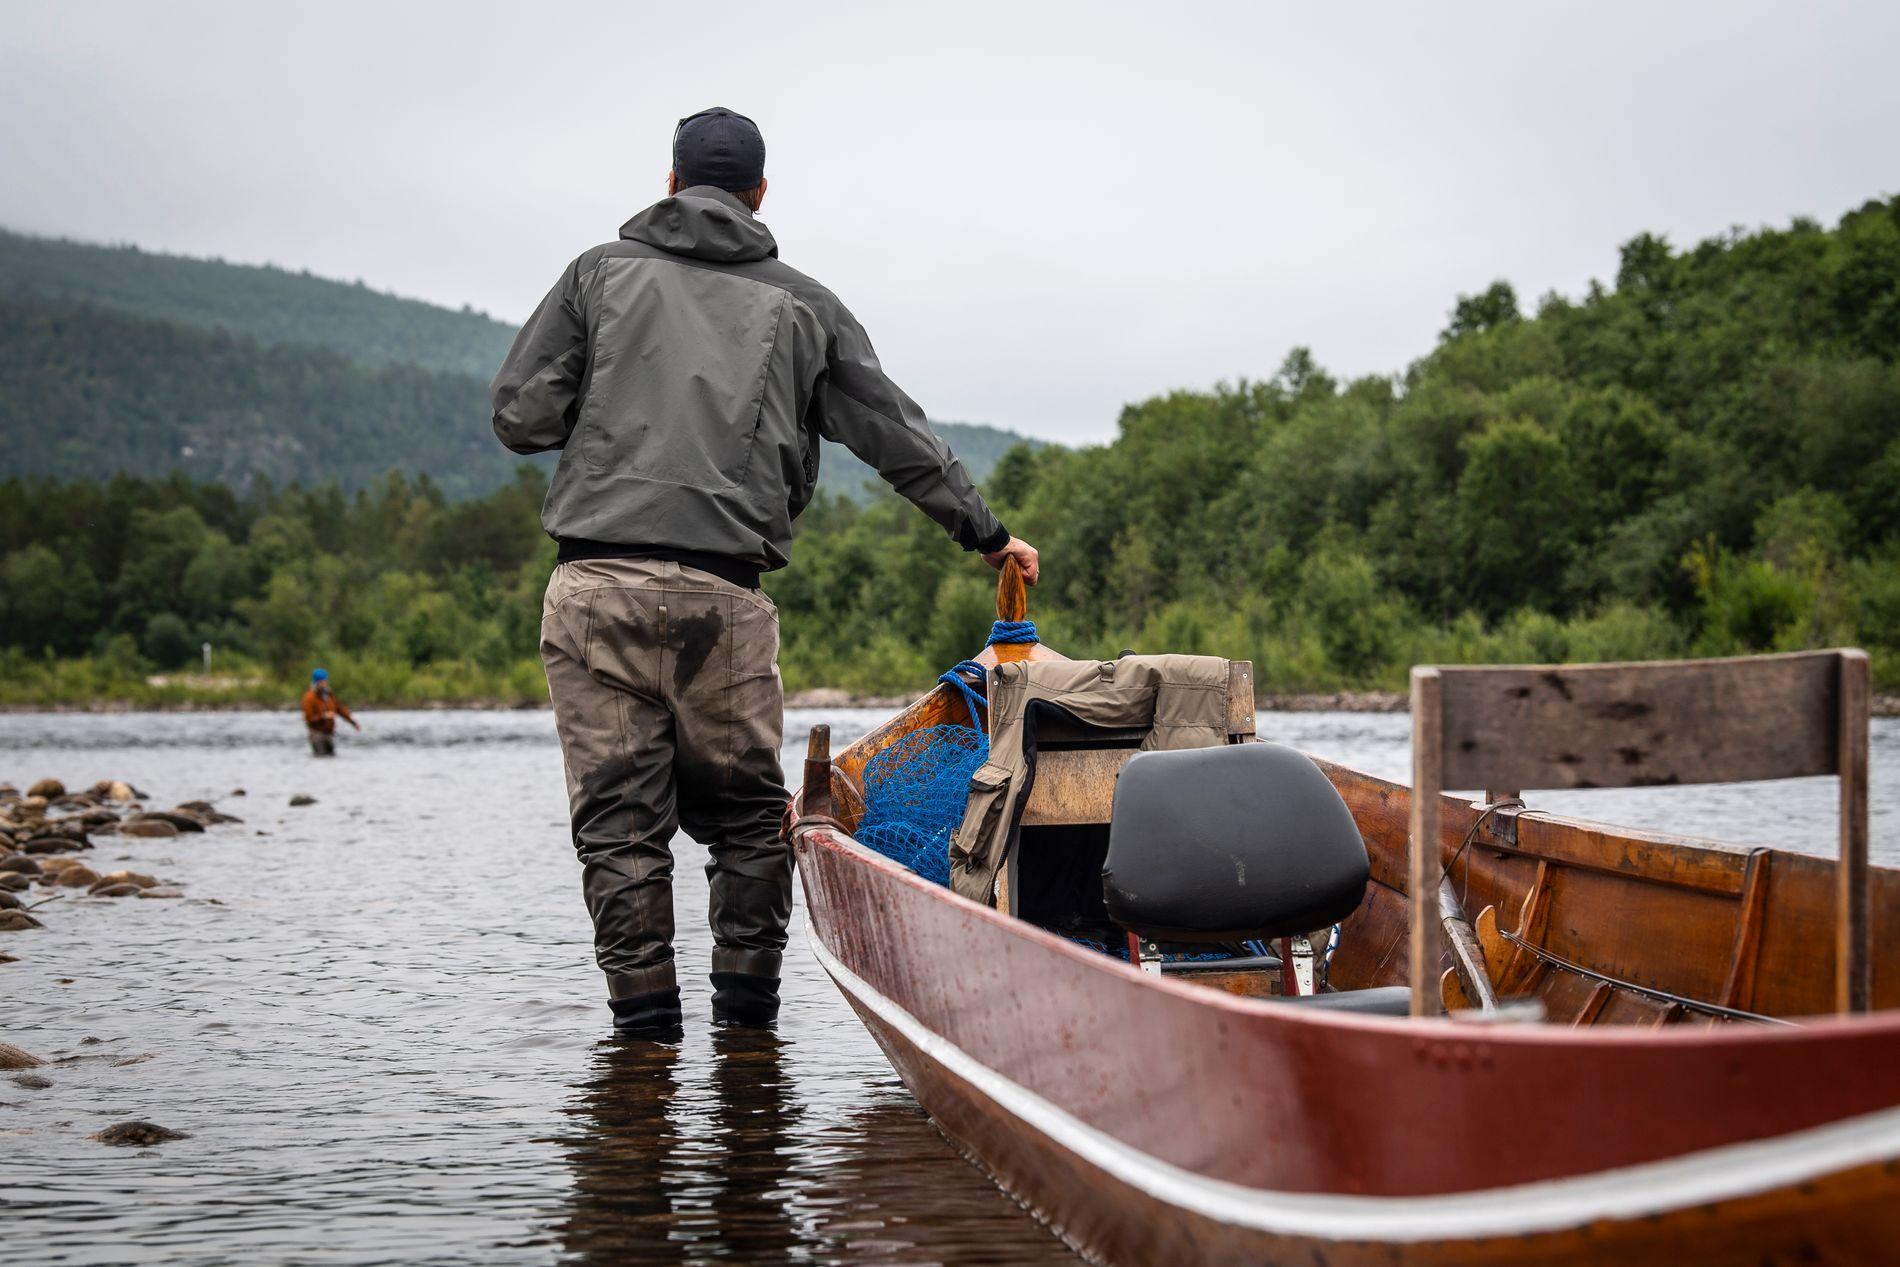 Stakeren, eller den lokale fiskeguiden, er en viktig del av fisket i Altaelva. Han kjenner elven ut og inn og sørger for at fiskere er på den rette plassen til rett tid. Mye av fisket her foregår fra båt, men det er også fint å fiske fra land mange steder.